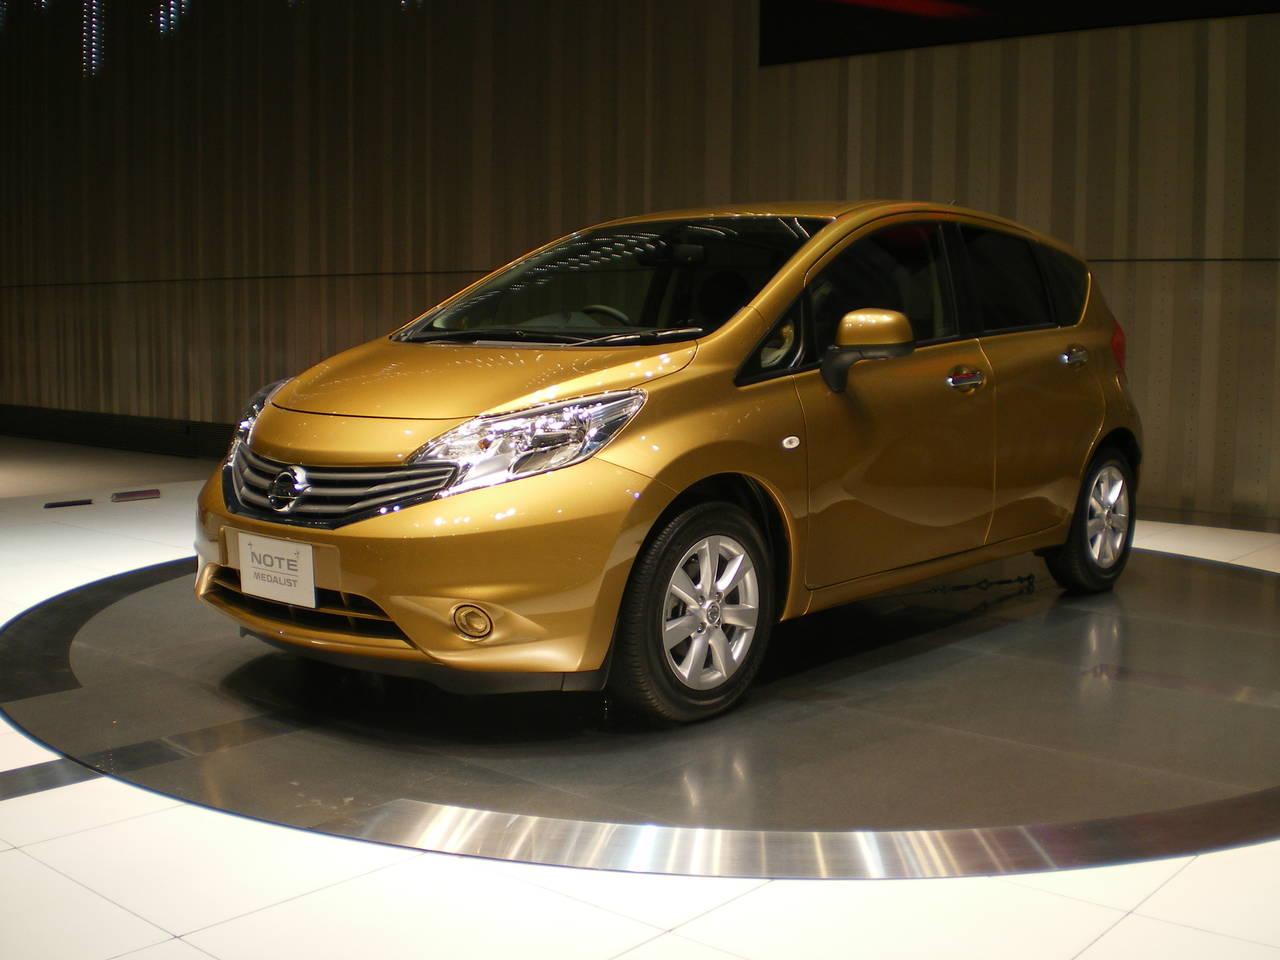 低価格で室内空間が広いコンパクトカー!日産ノートのガソリン車の魅力を紹介します!